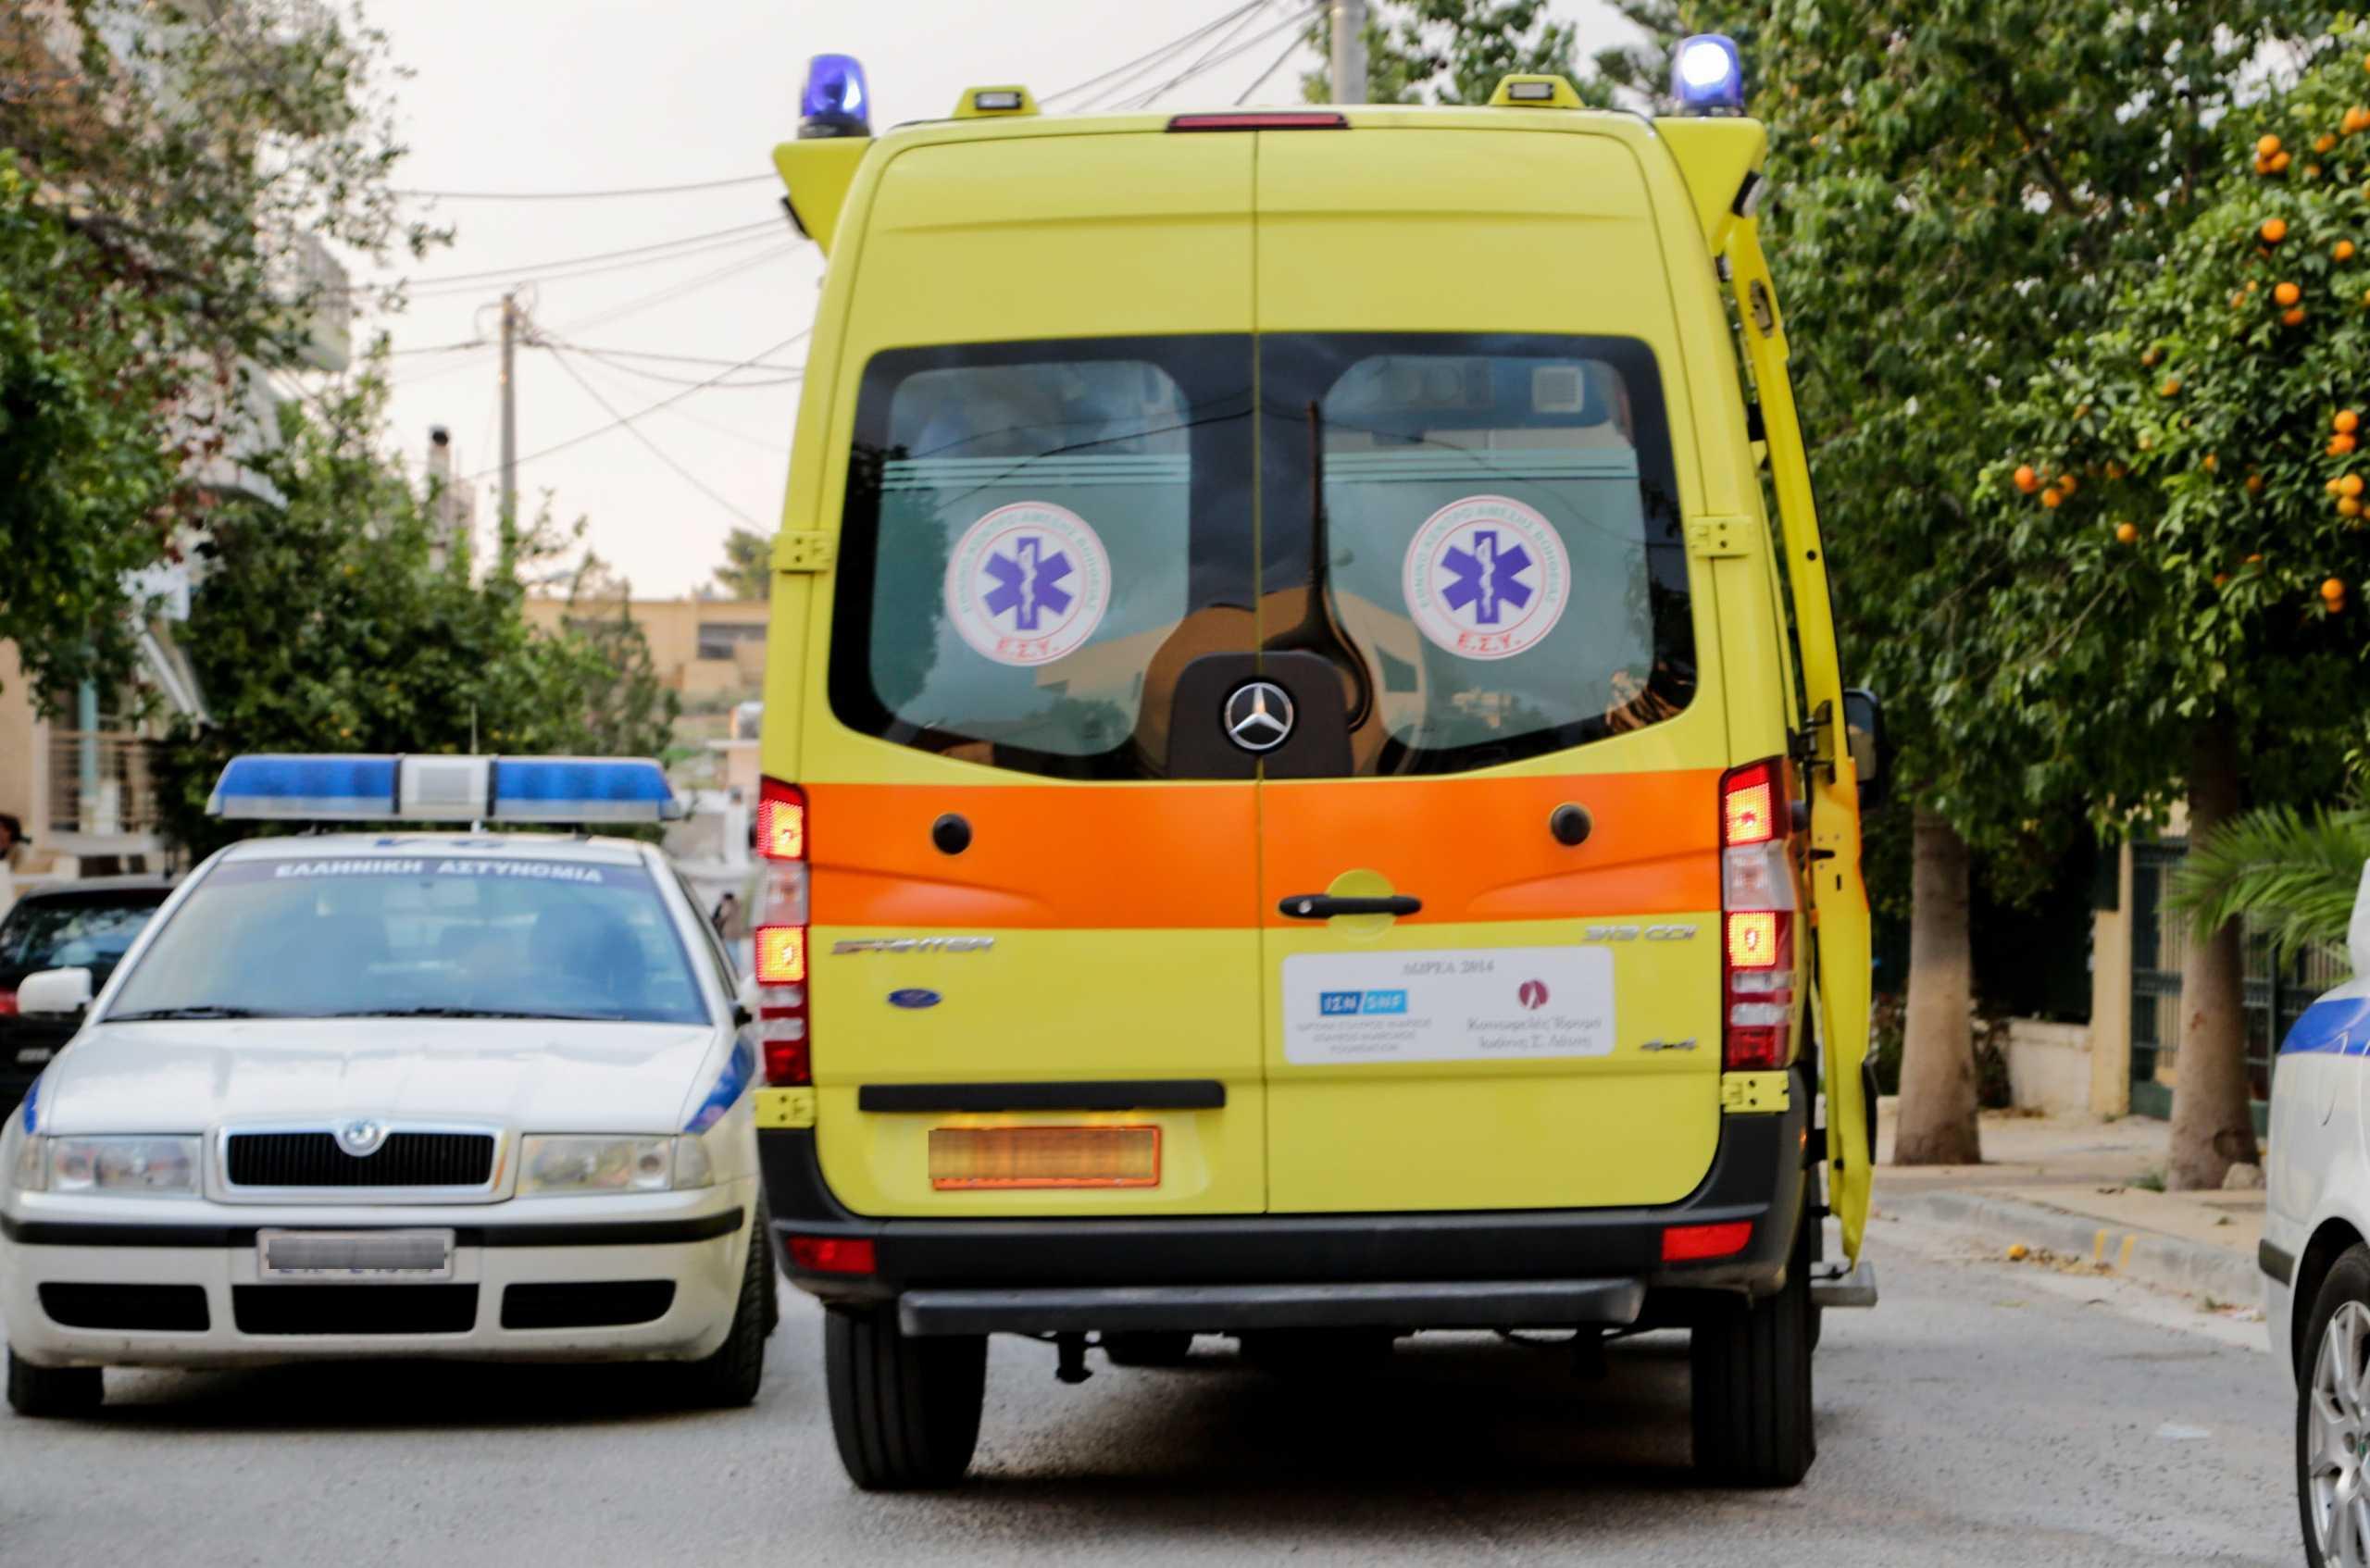 Επίθεση με καυστικό υγρό δέχθηκε κοπέλα στα Χανιά